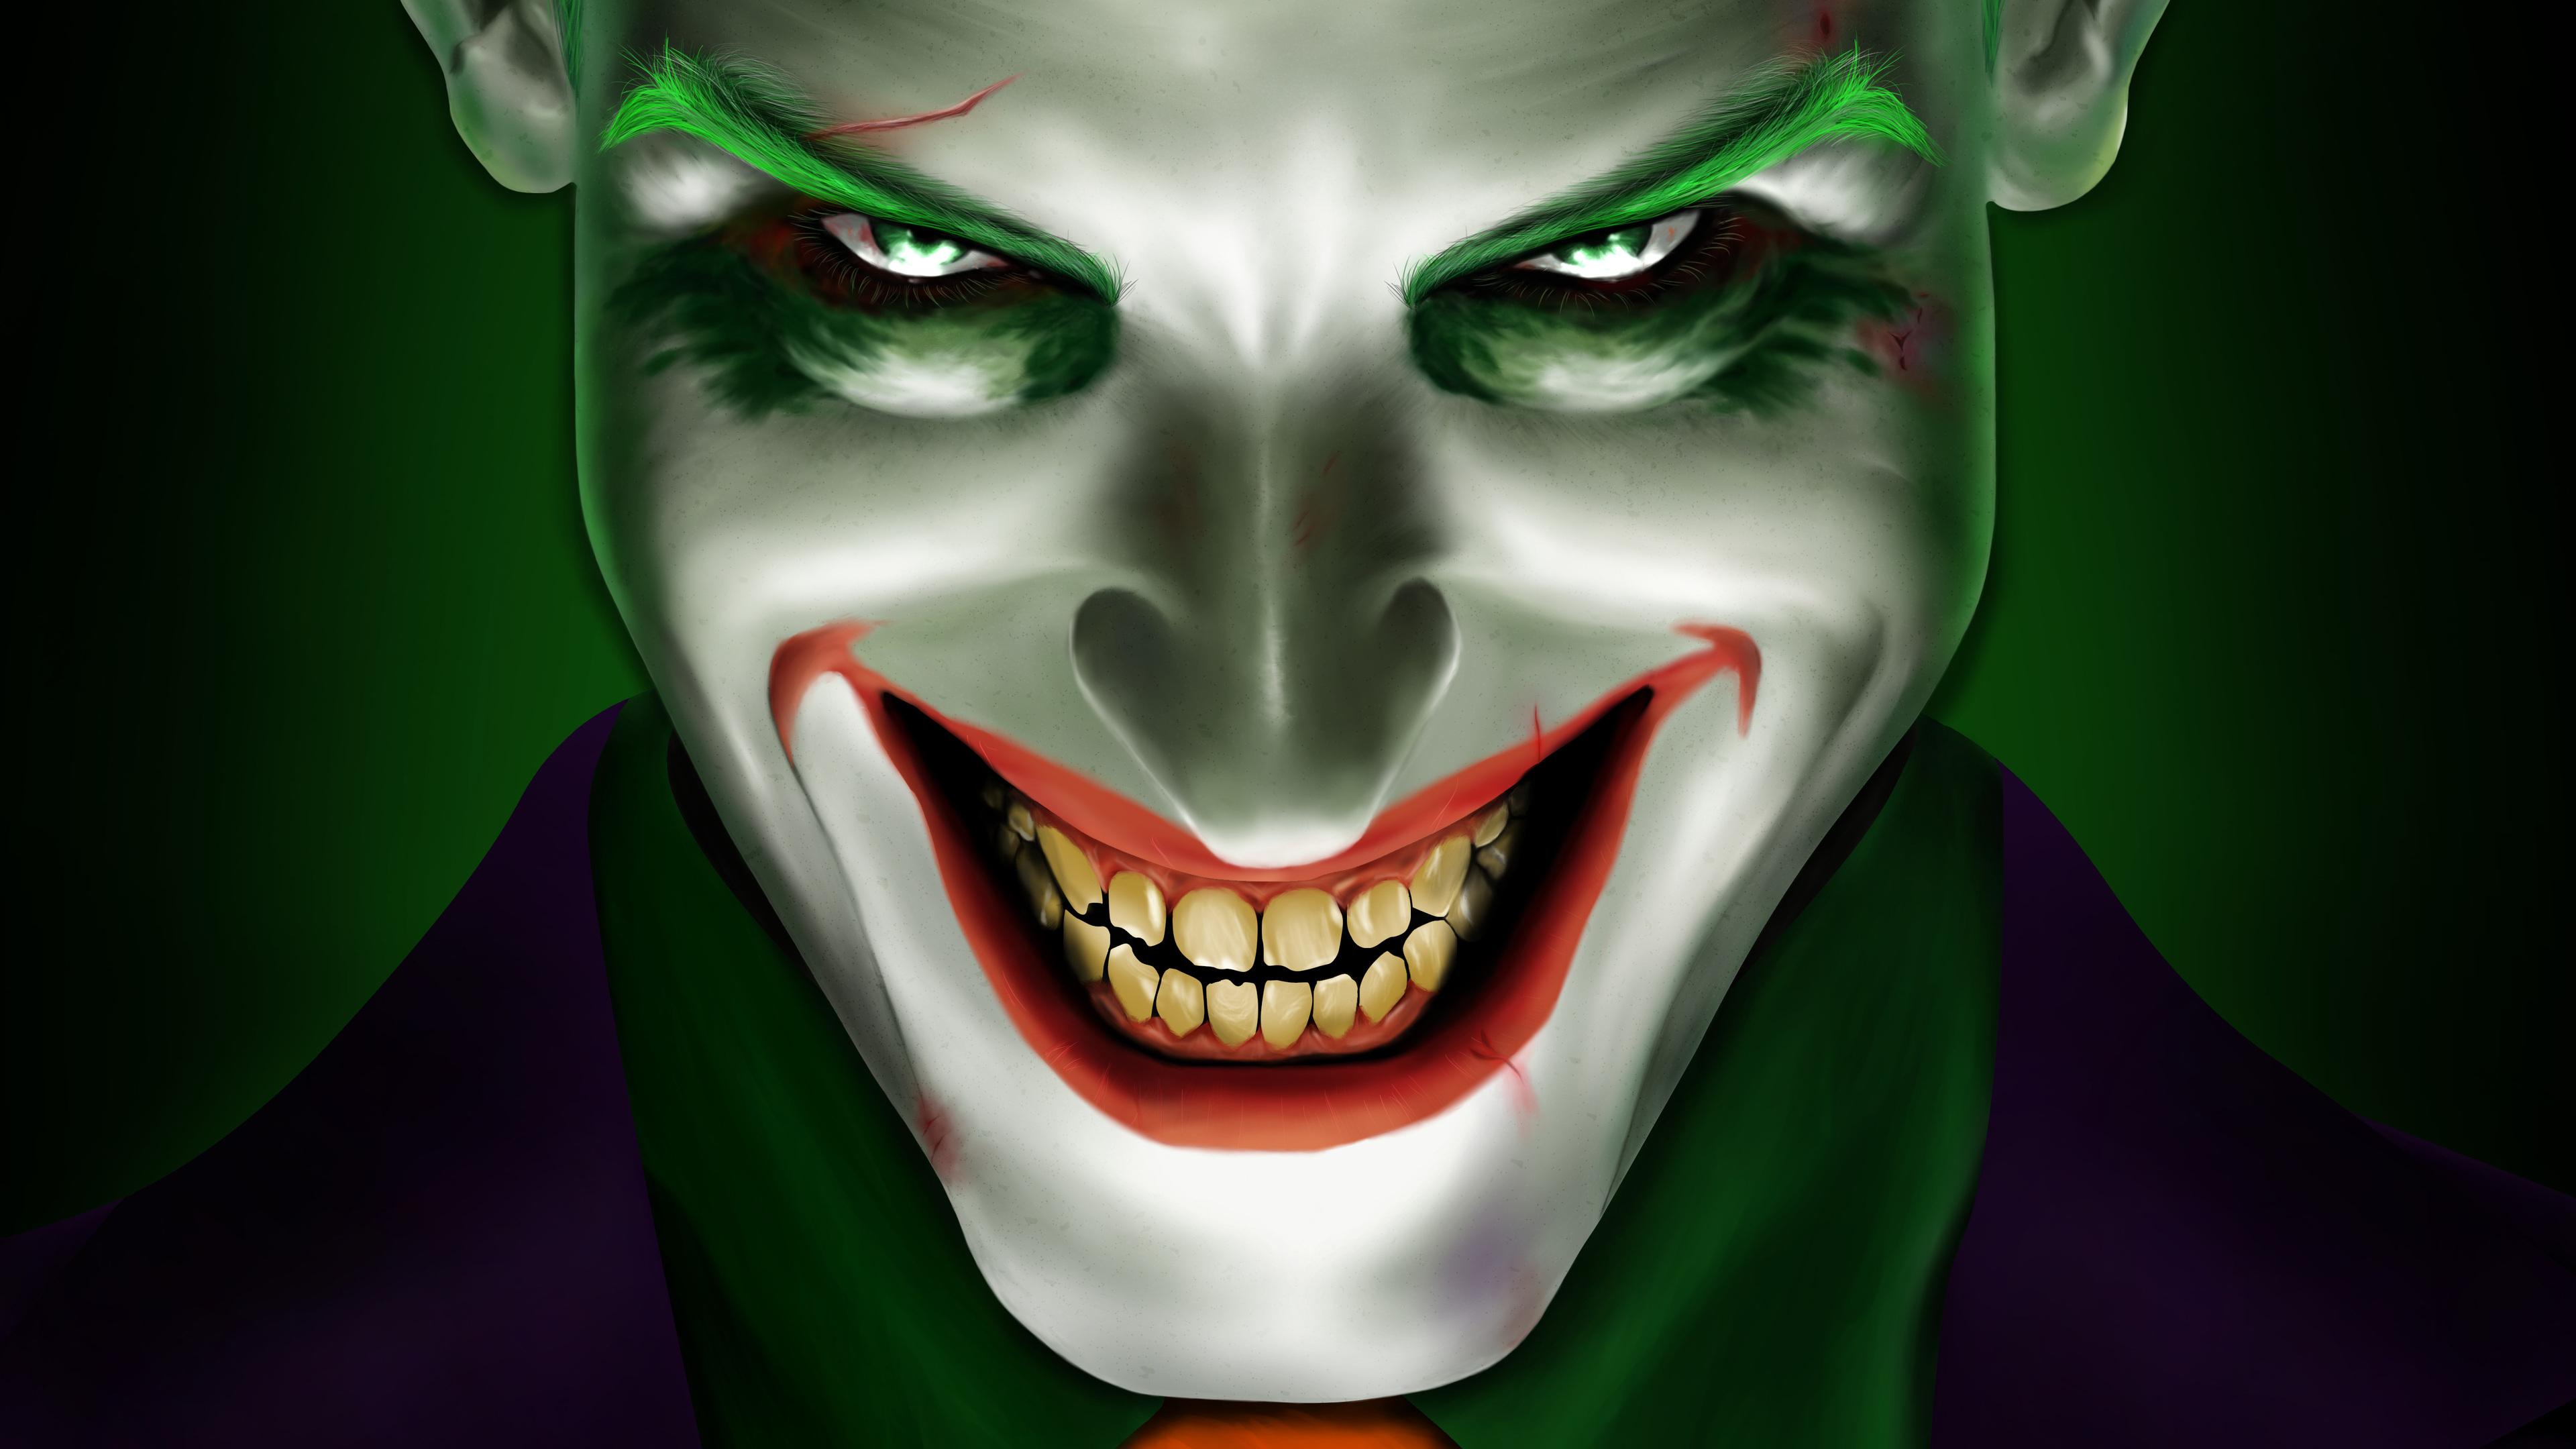 joker-smiling-5k-92.jpg